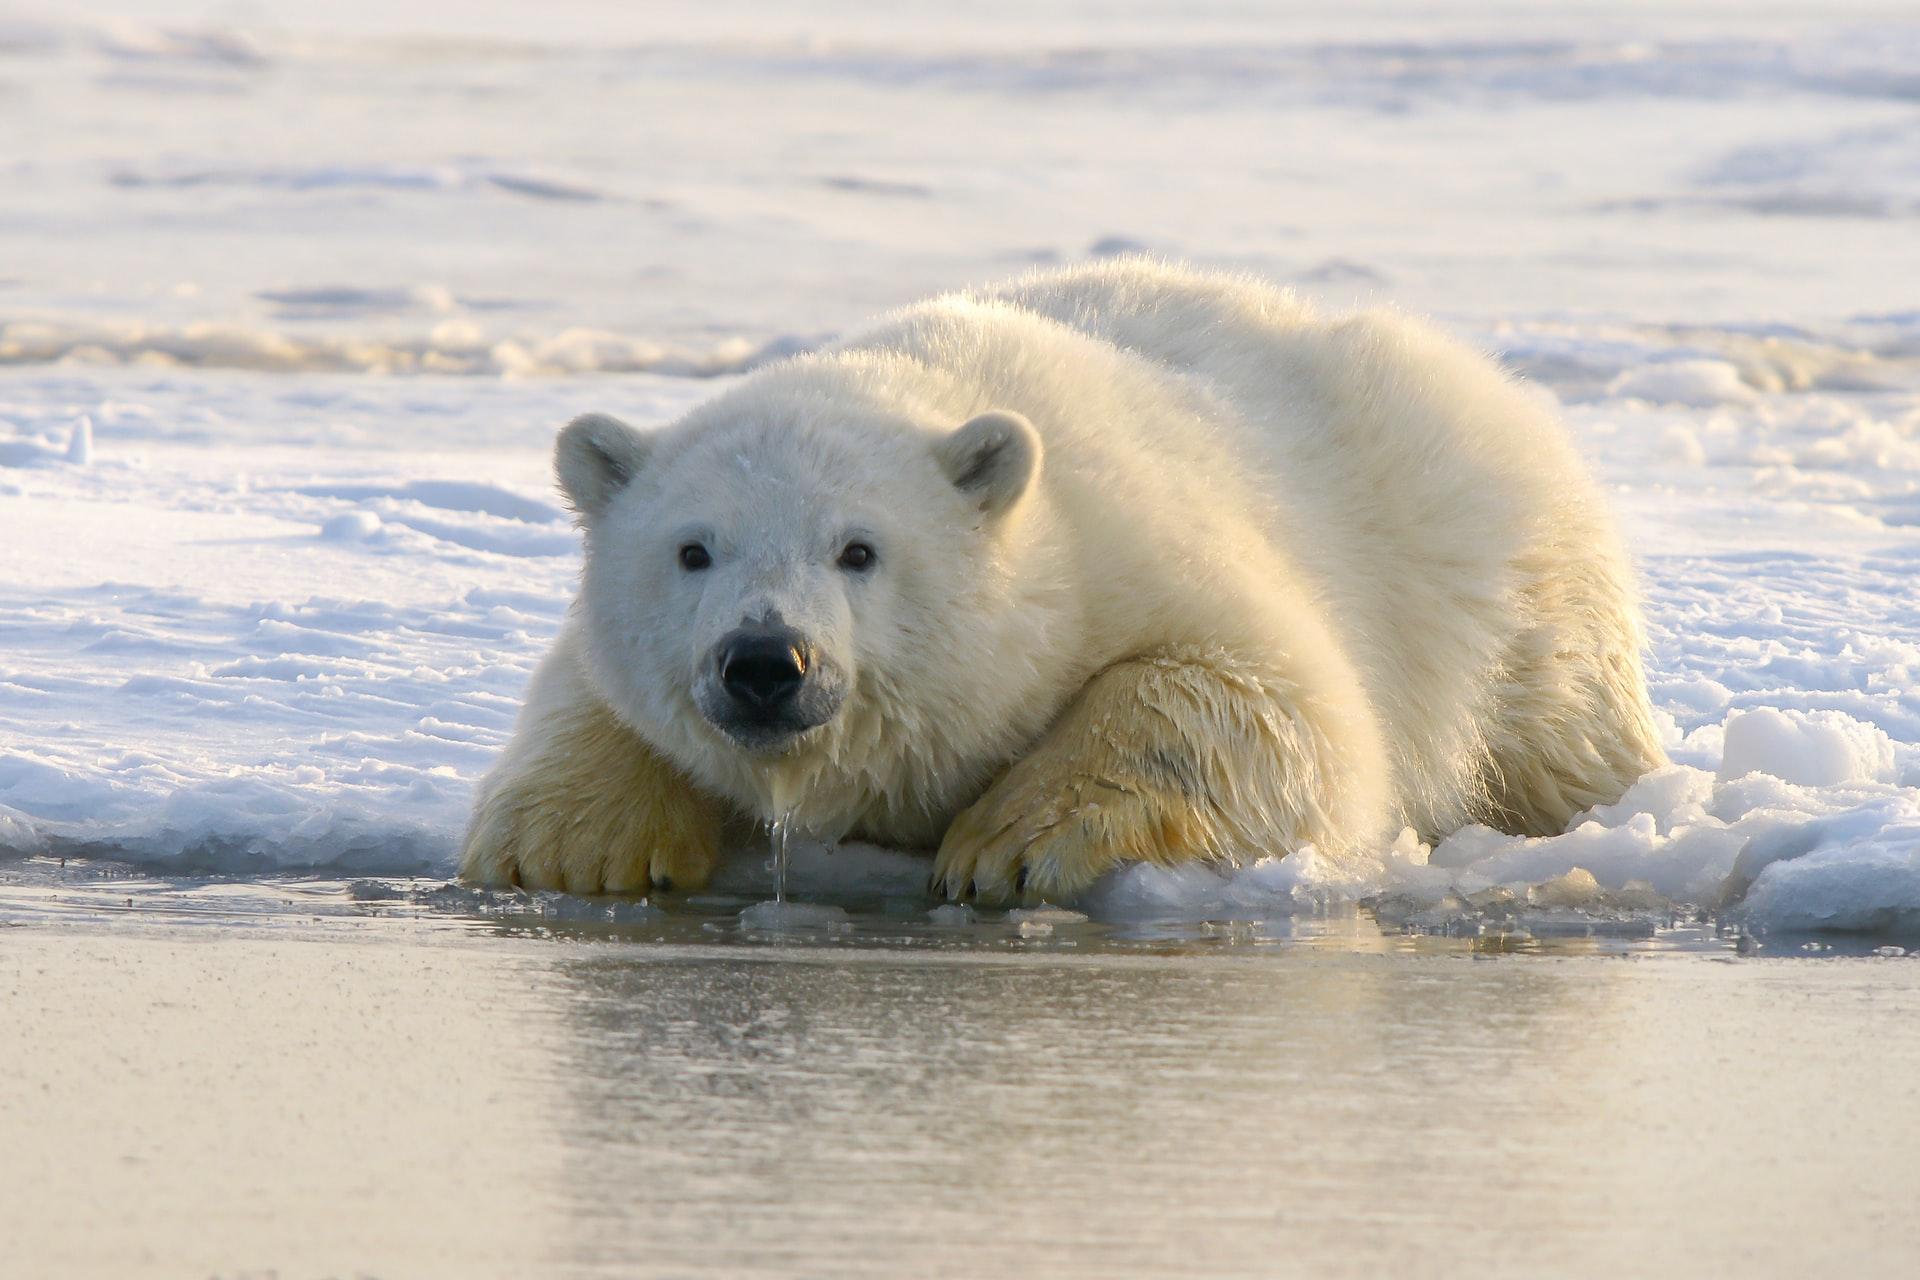 Los animales están en peligro: las especies amenazadas de extinción